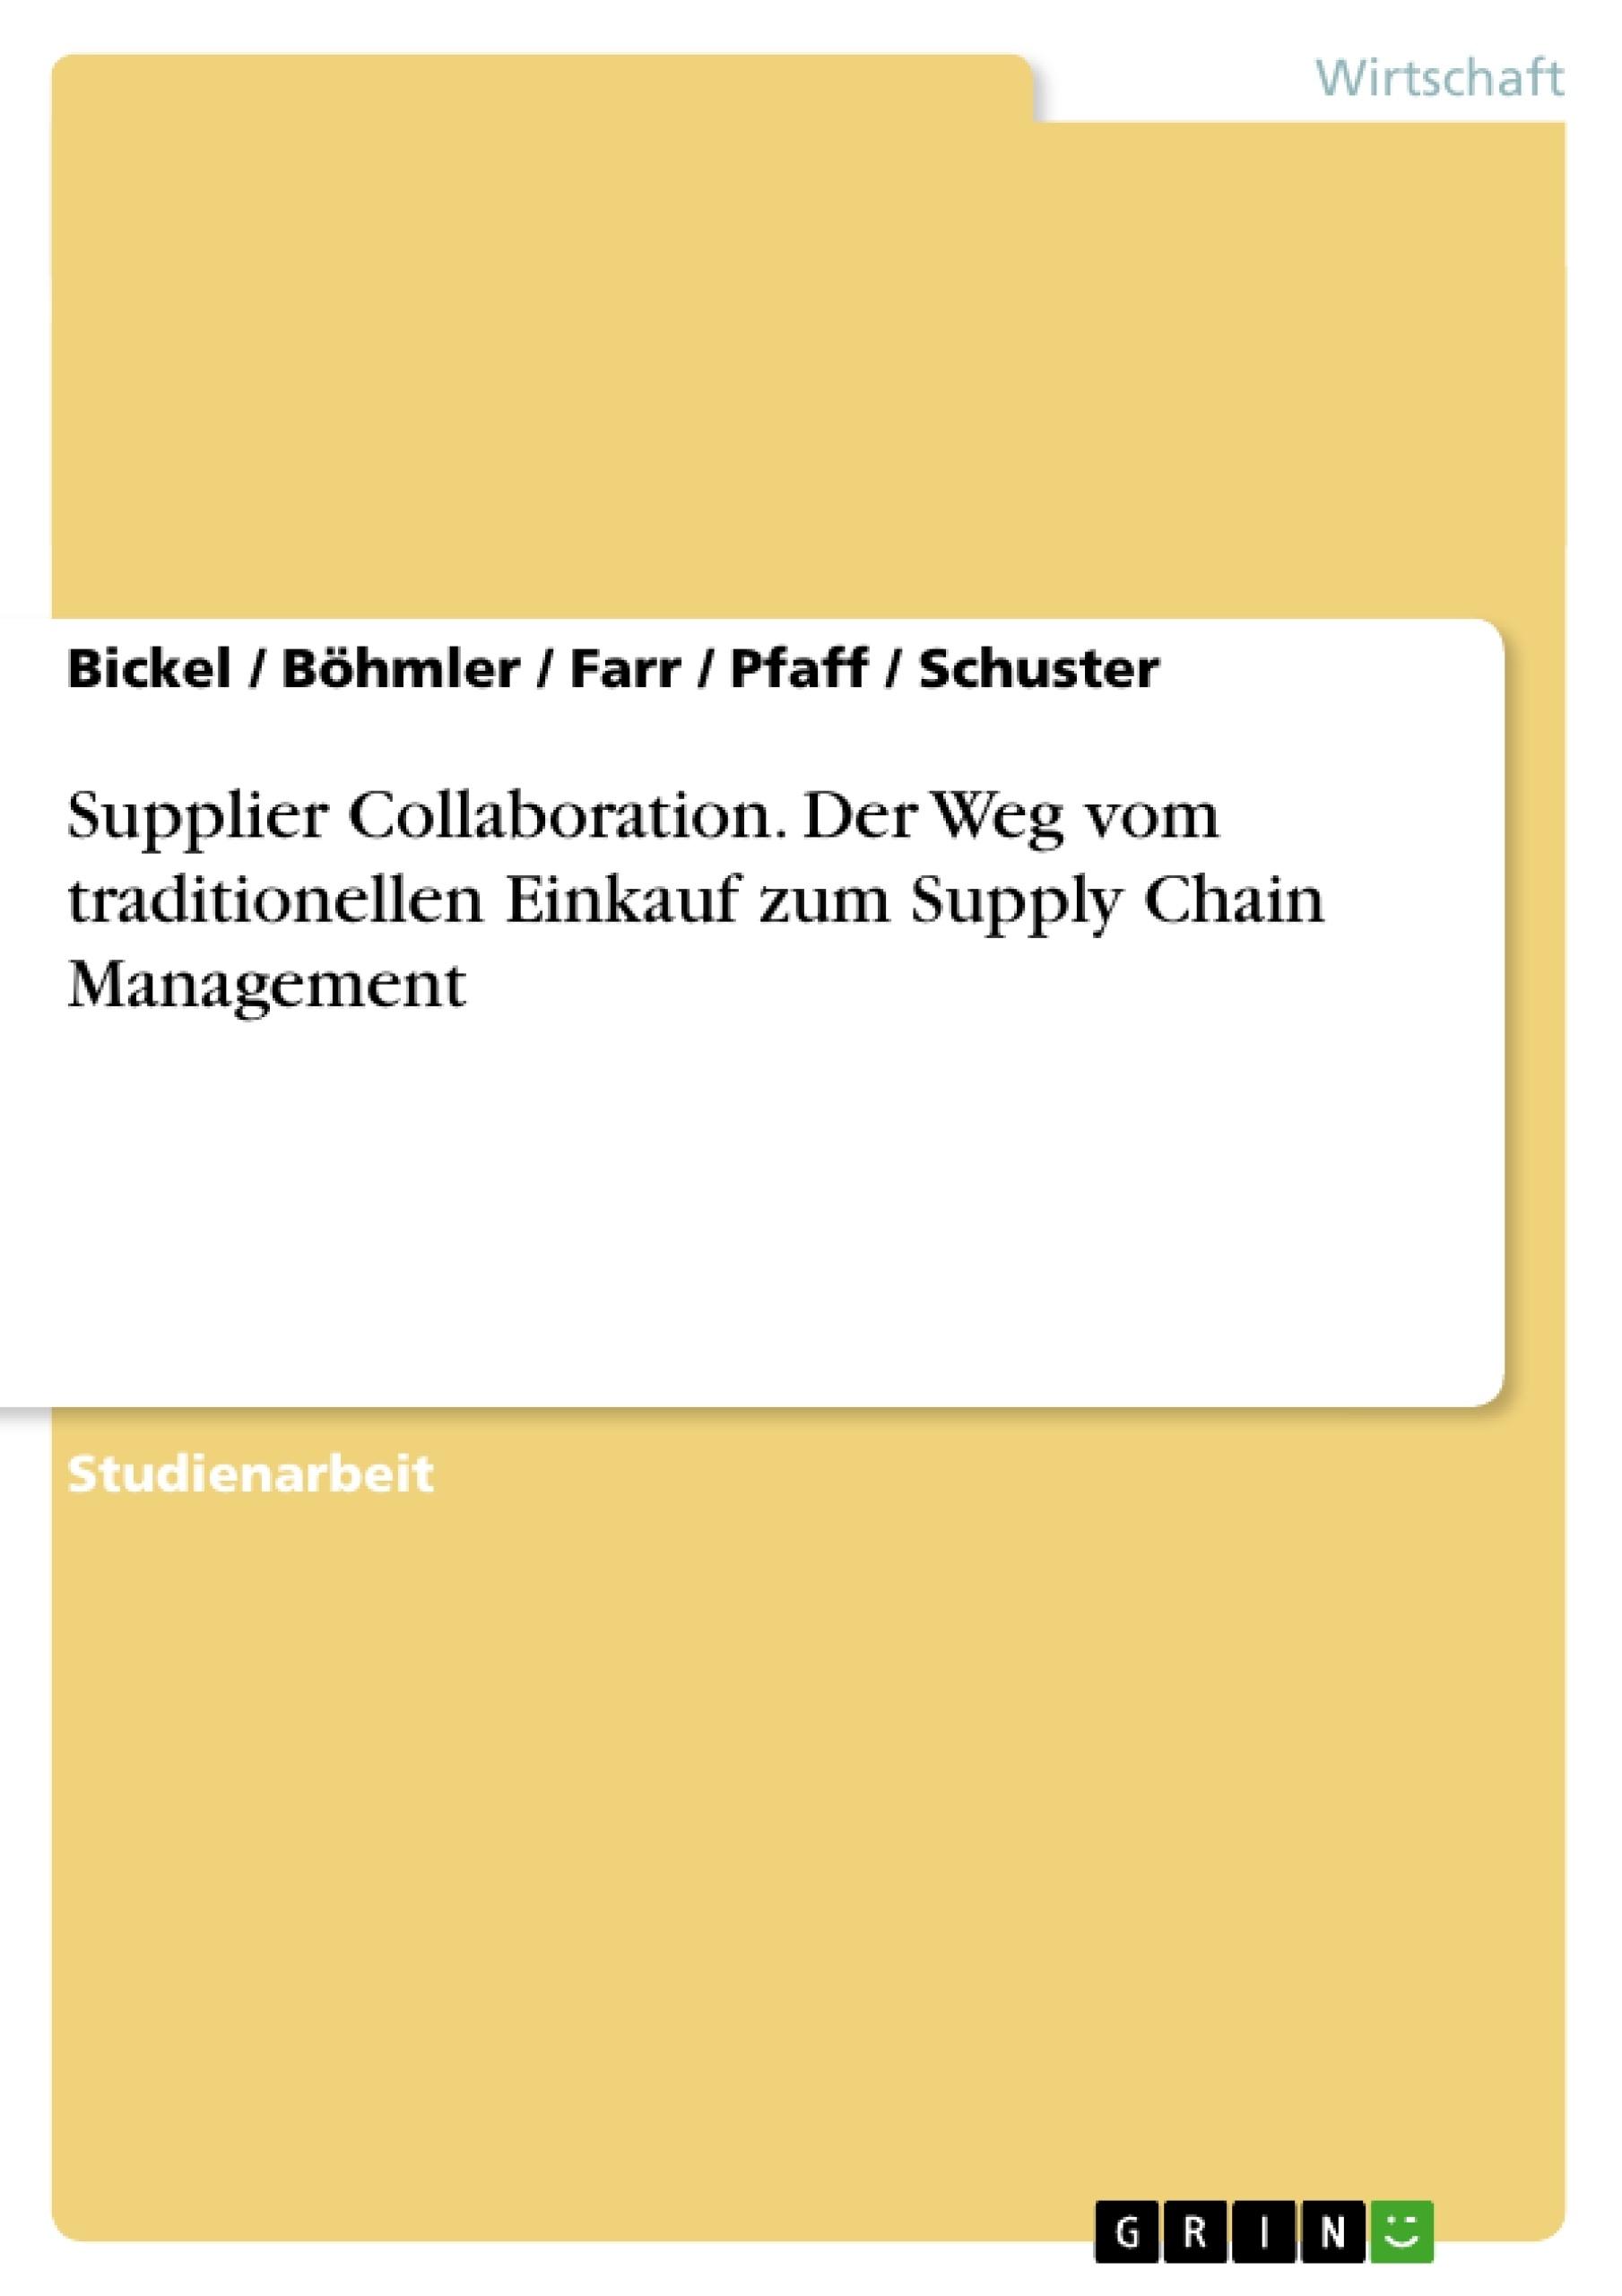 Titel: Supplier Collaboration. Der Weg vom traditionellen Einkauf zum Supply Chain Management